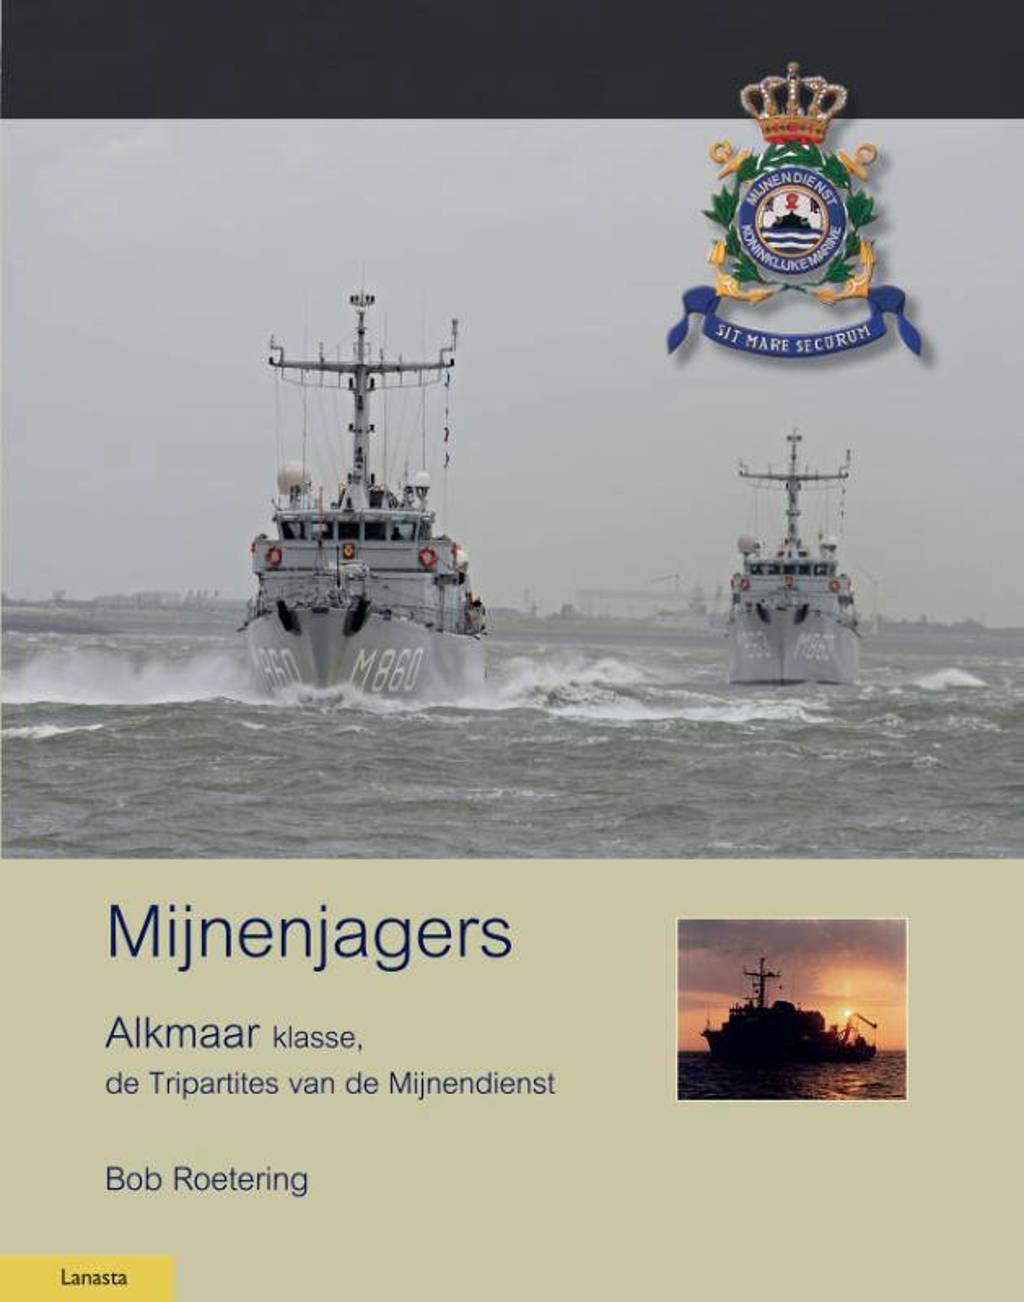 Militaire Historie: Mijnenjagers van de Alkmaar klasse - Bob Roetering